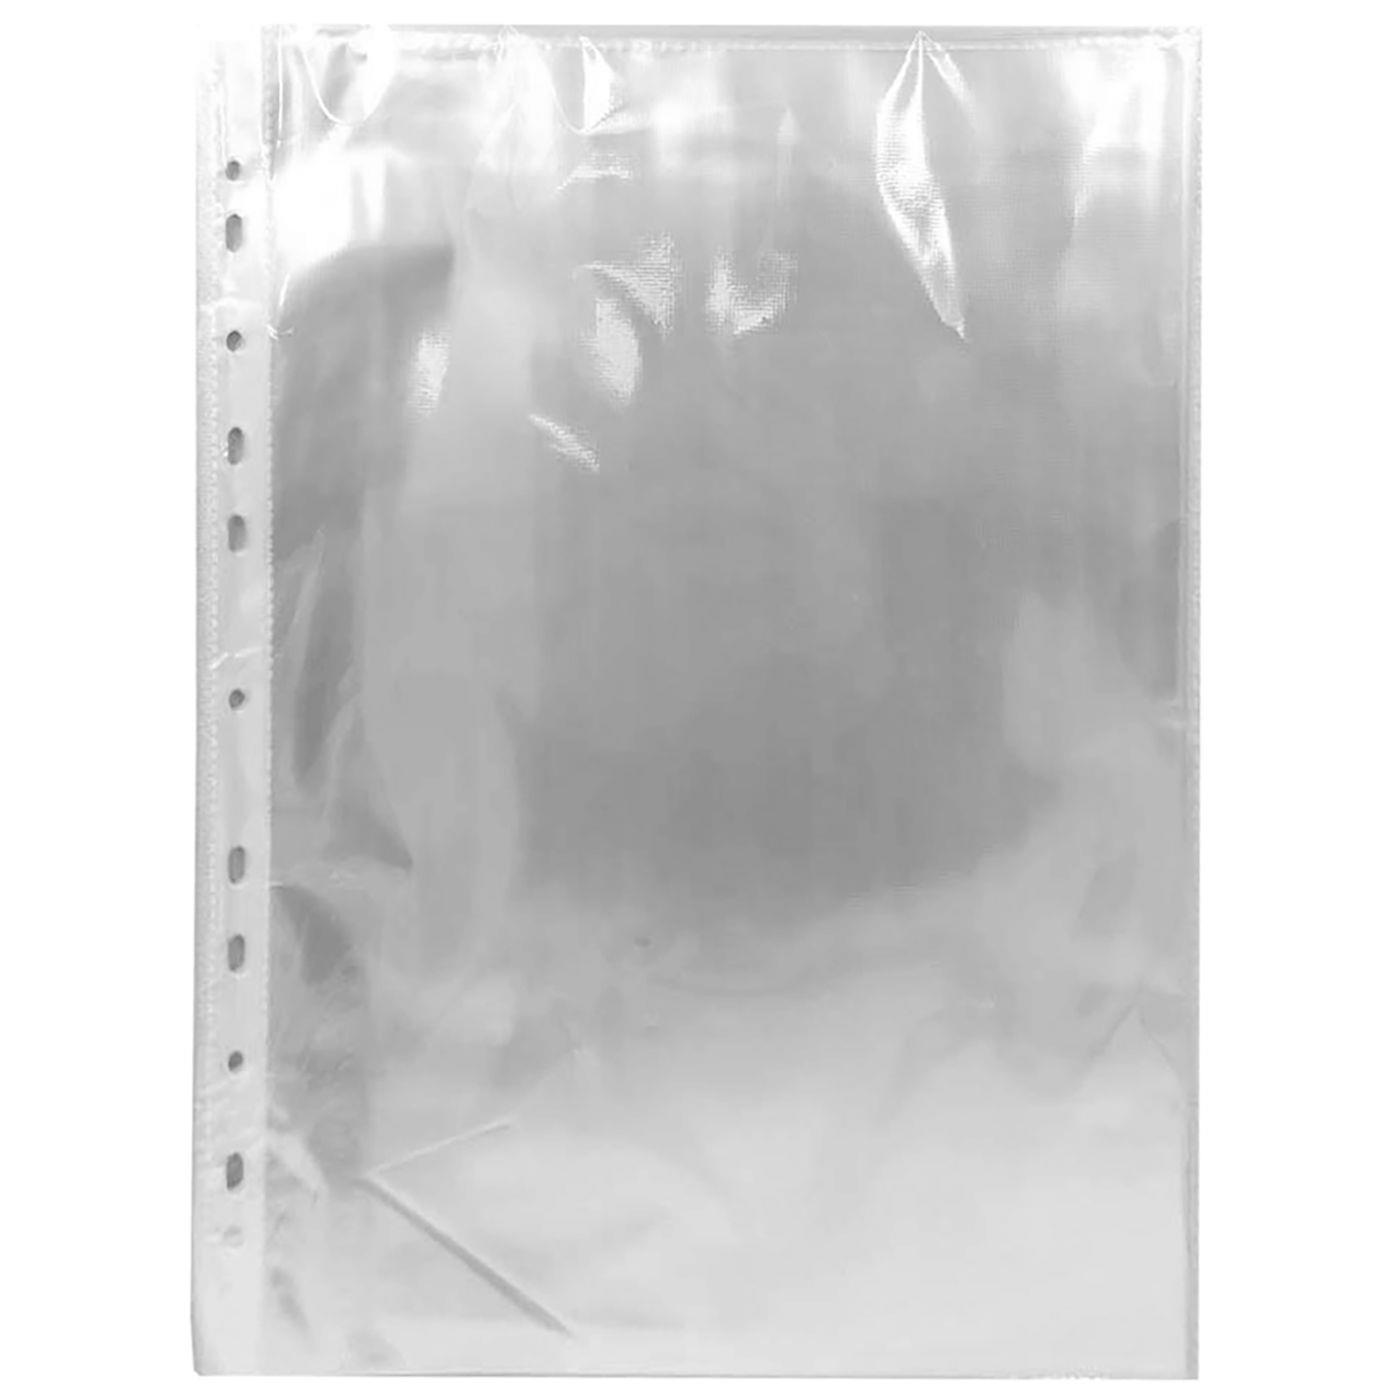 ΖΕΛΑΤΙΝΕΣ ΤΡΥΠΕΣ ΠΑΚ=20ΤΕΜ ΠΑΧΟΣ=0,045mm